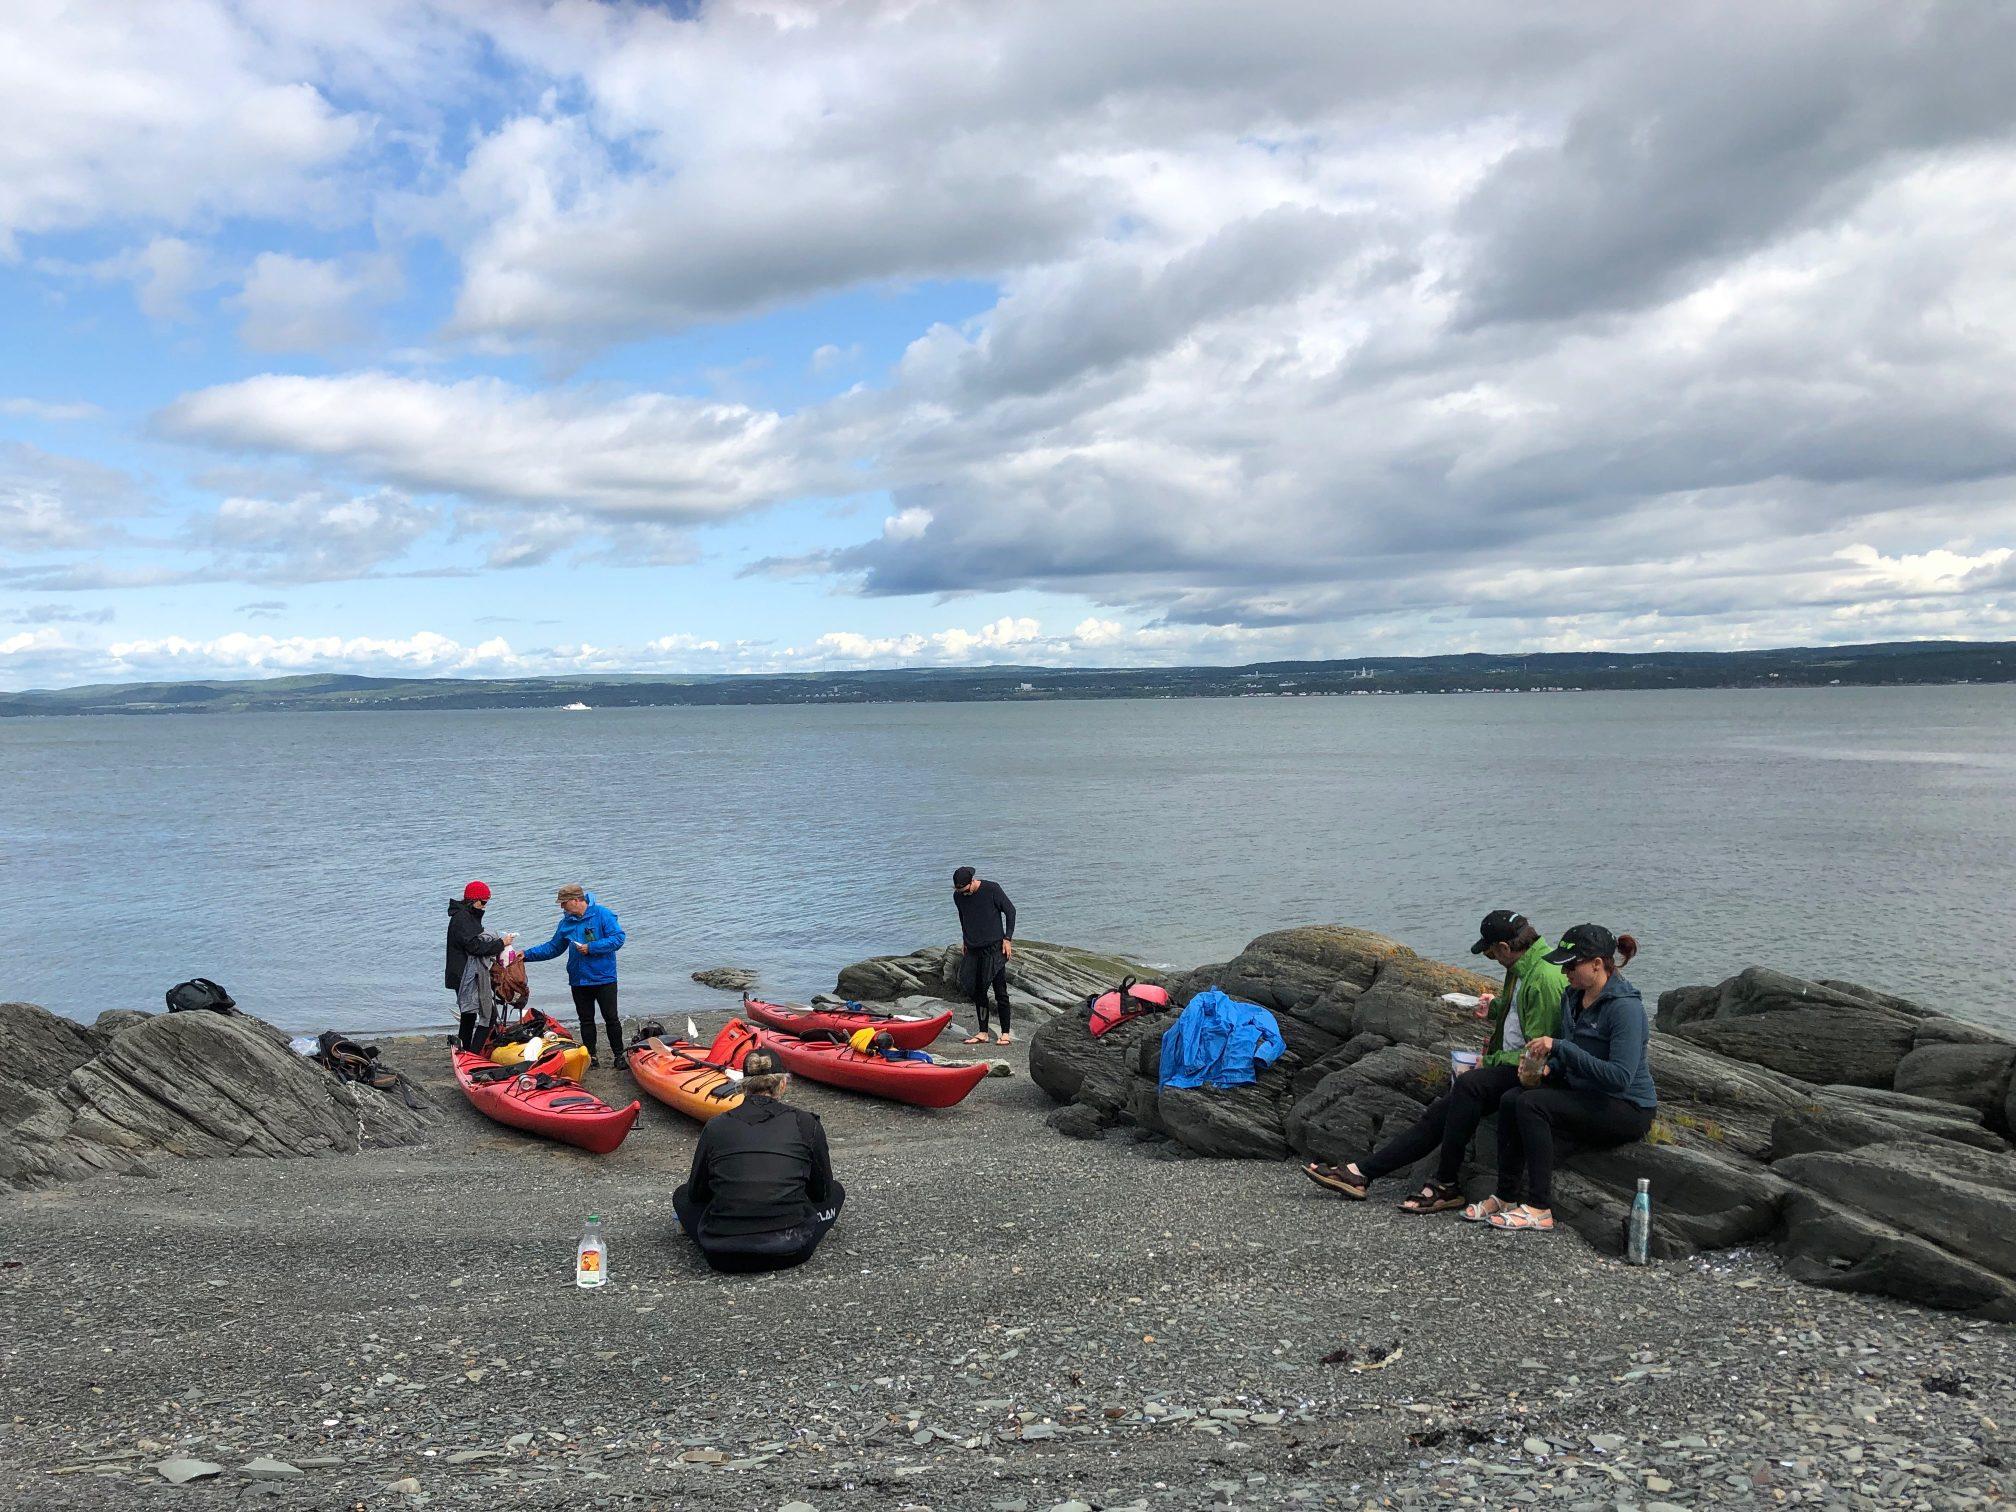 À la suite de leurs efforts, les 6 kayakistes de la Coop de kayak de mer des îles ont pu déguster leur goûter avant de se diriger vers les vestiges basques de l'île aux Basques. Photo : Jean-Nil Poirier Morissette.